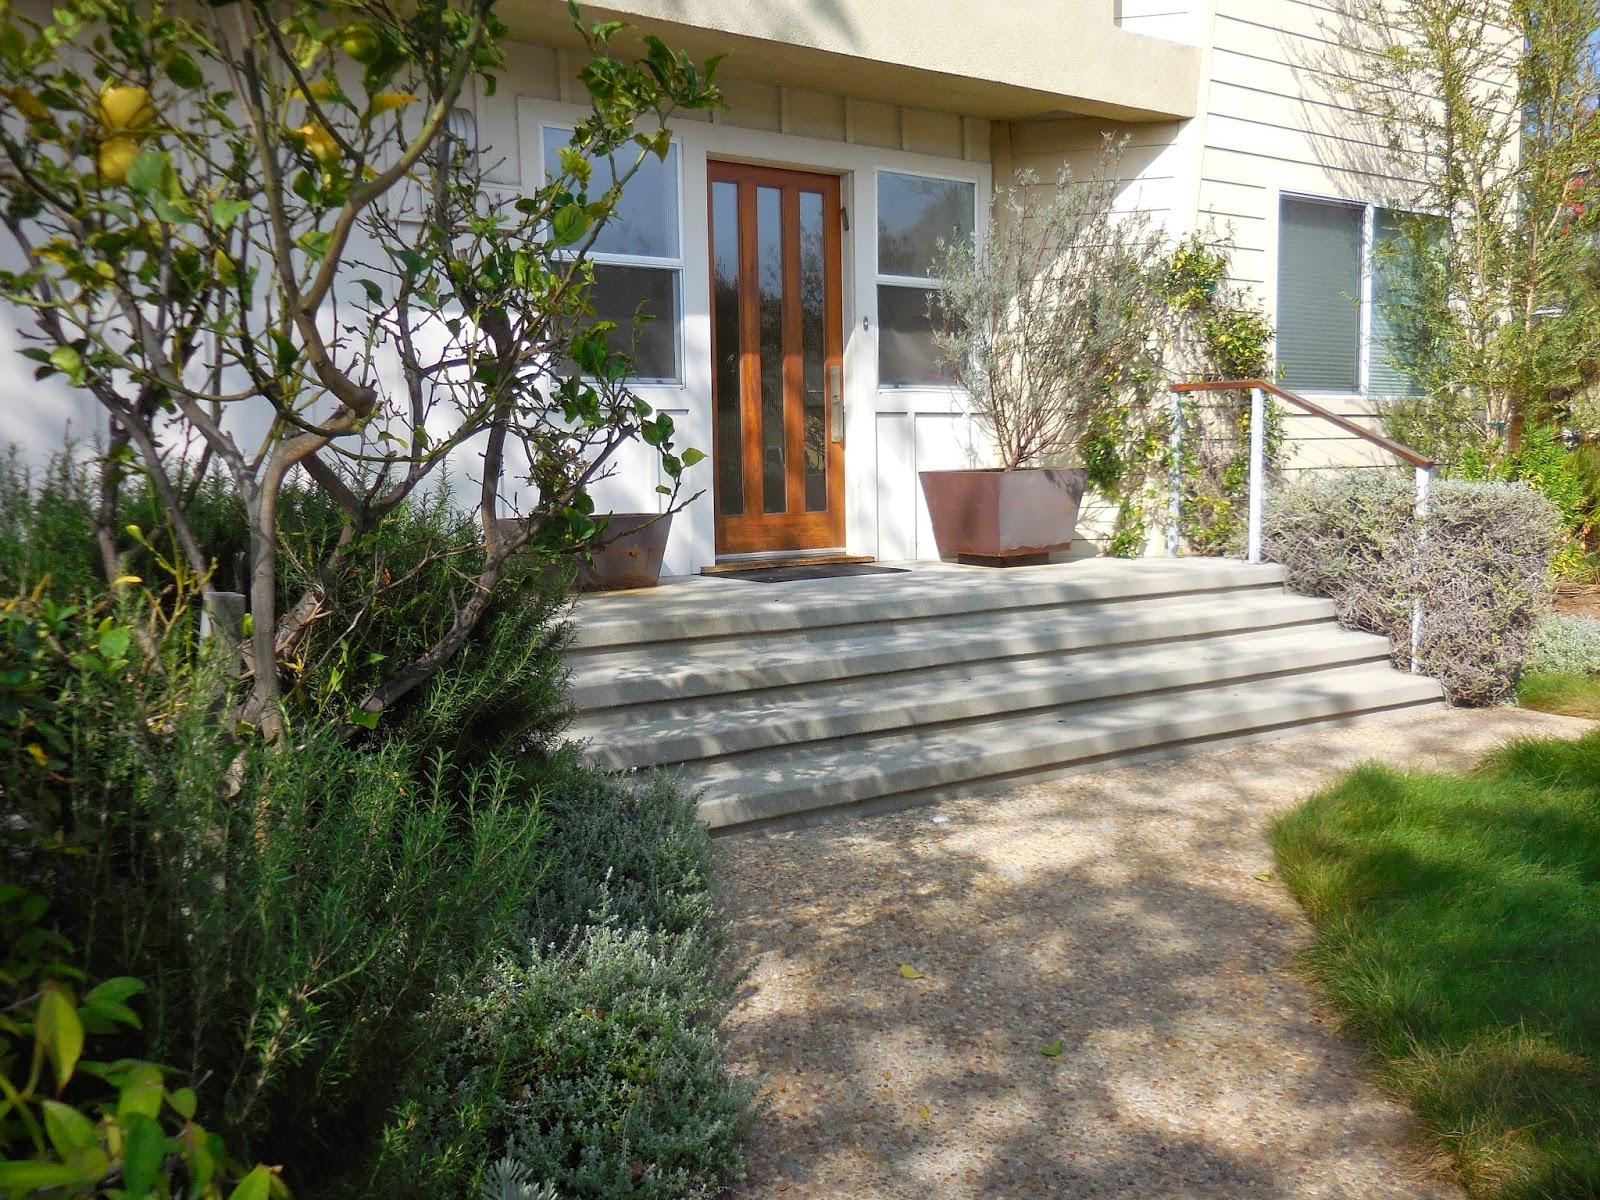 mar vista green garden showcase 12601 preston way cluster 3c